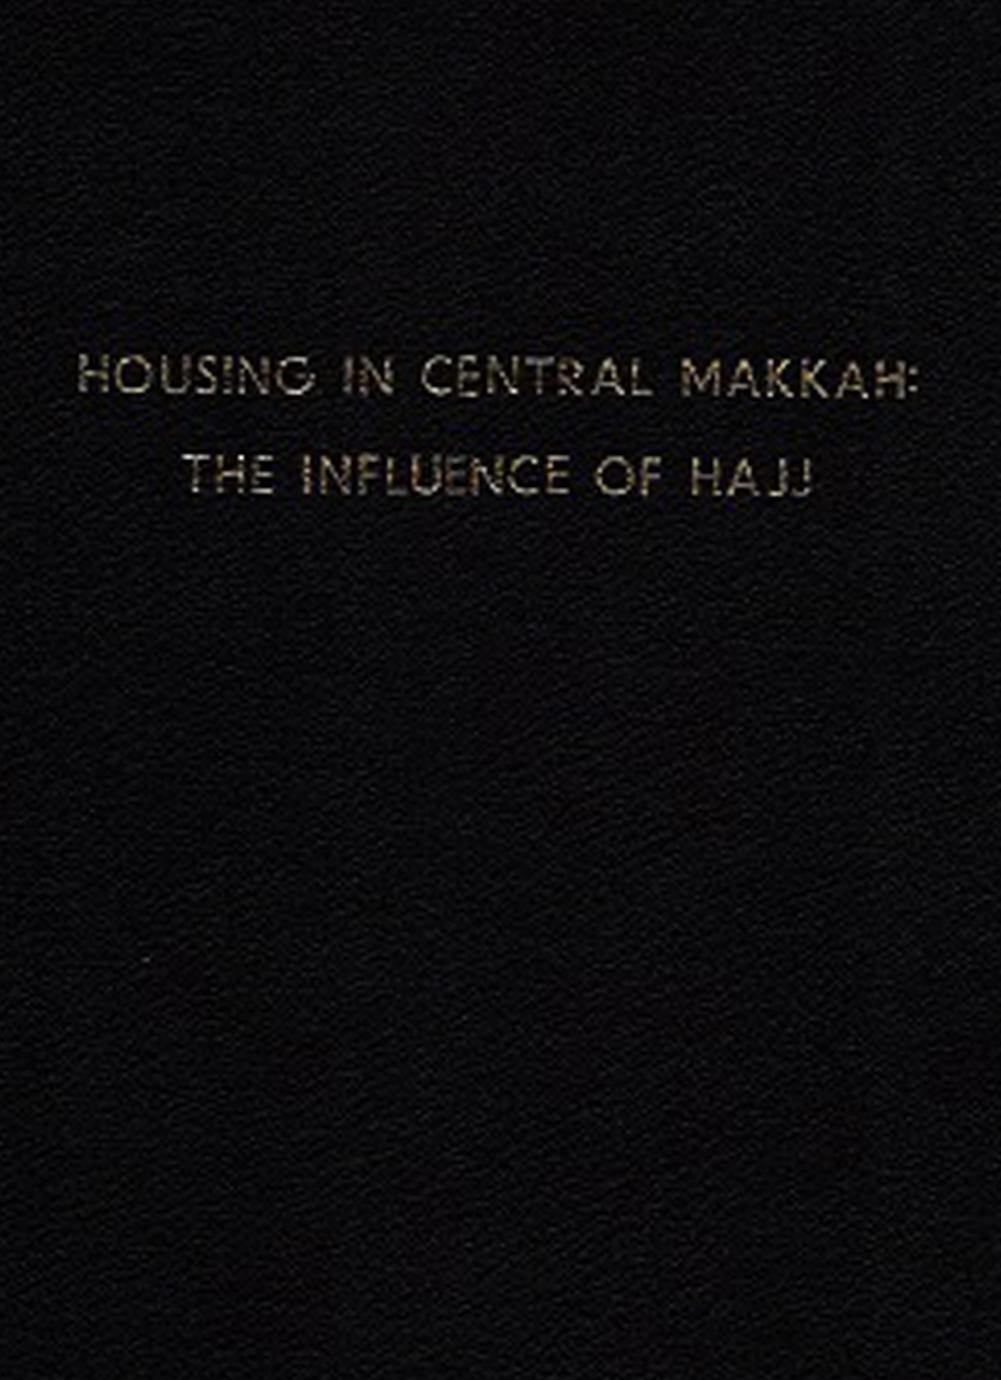 رسالة الدكتوراة-الاسكان في مكة وتأثير الحج